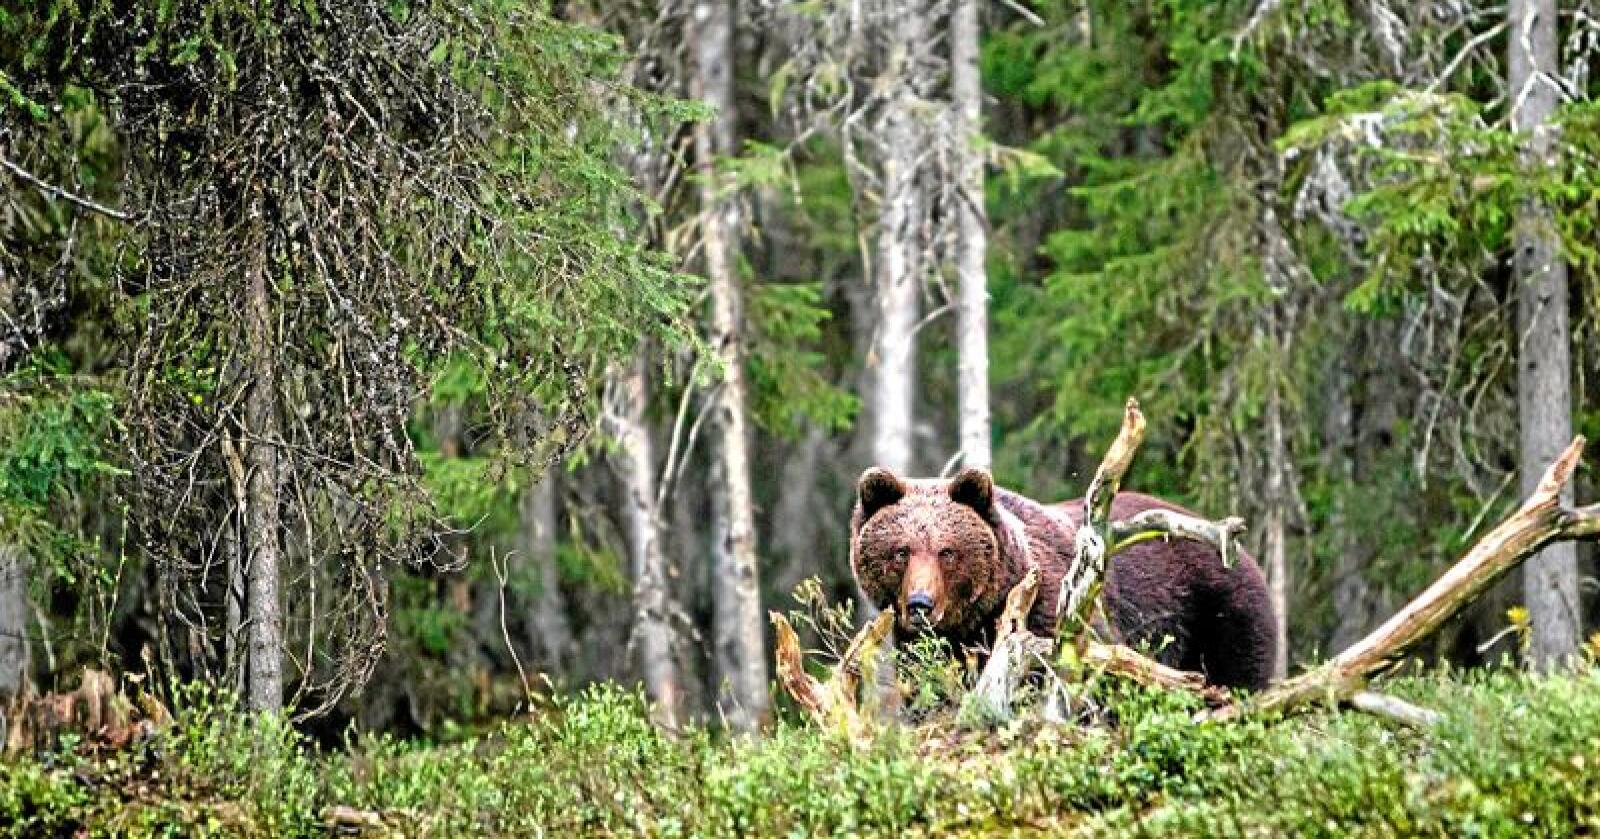 Hvor det skal være bjørn i Nordland er ett av stridsspørsmålene i konflikten mellom Rovviltnemnda i Nordland og Klima- og miljødepartementet. Foto: Per Harald Olsen / NTNU (CC BY 2.0)